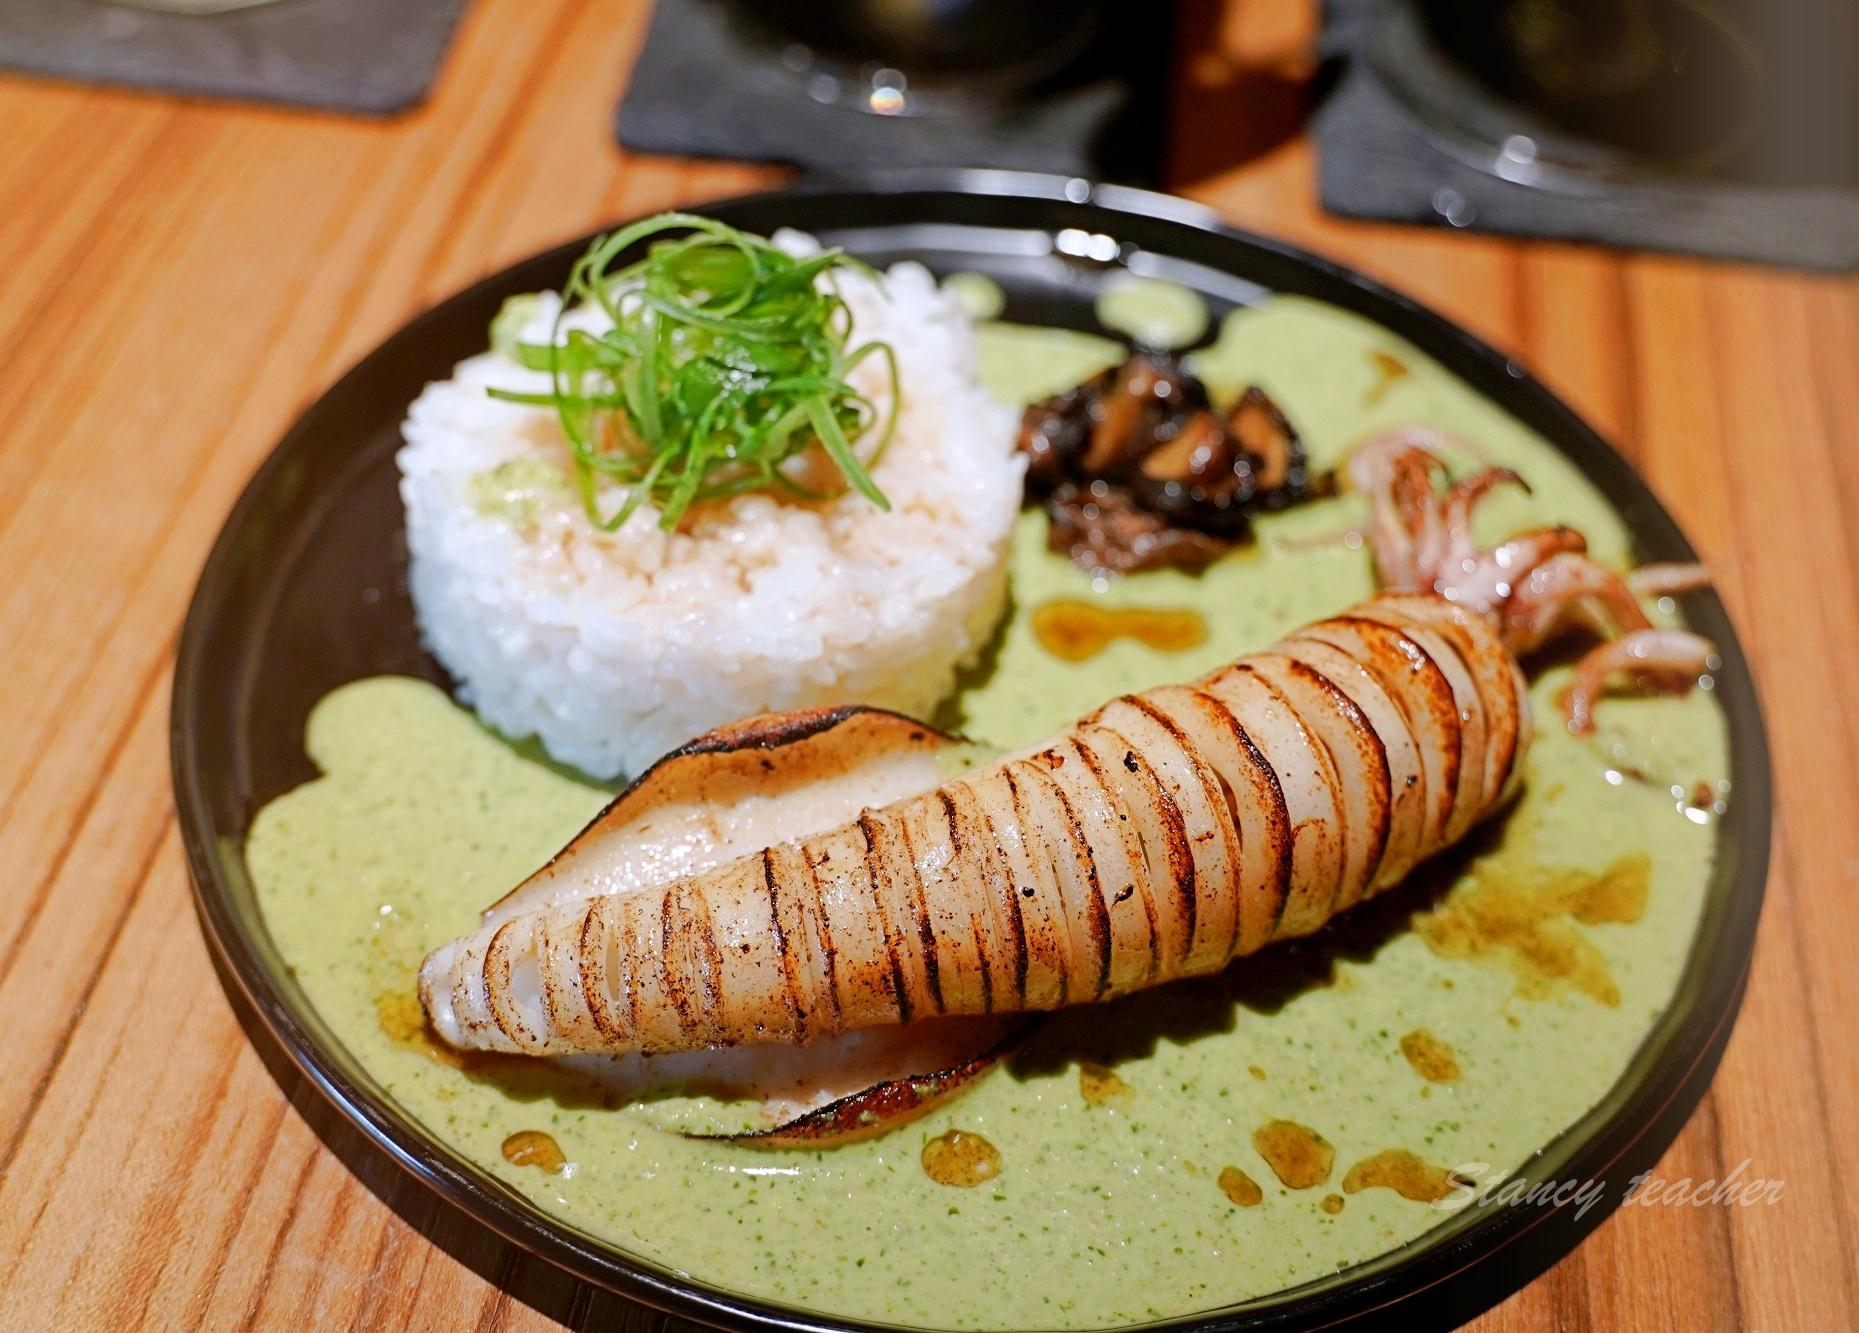 沐光 MouMoon|淡水隱藏版酒吧|淡水包場聚餐酒吧|淡水下午茶酒吧|淡江最大酒吧空間(菜單、價格)